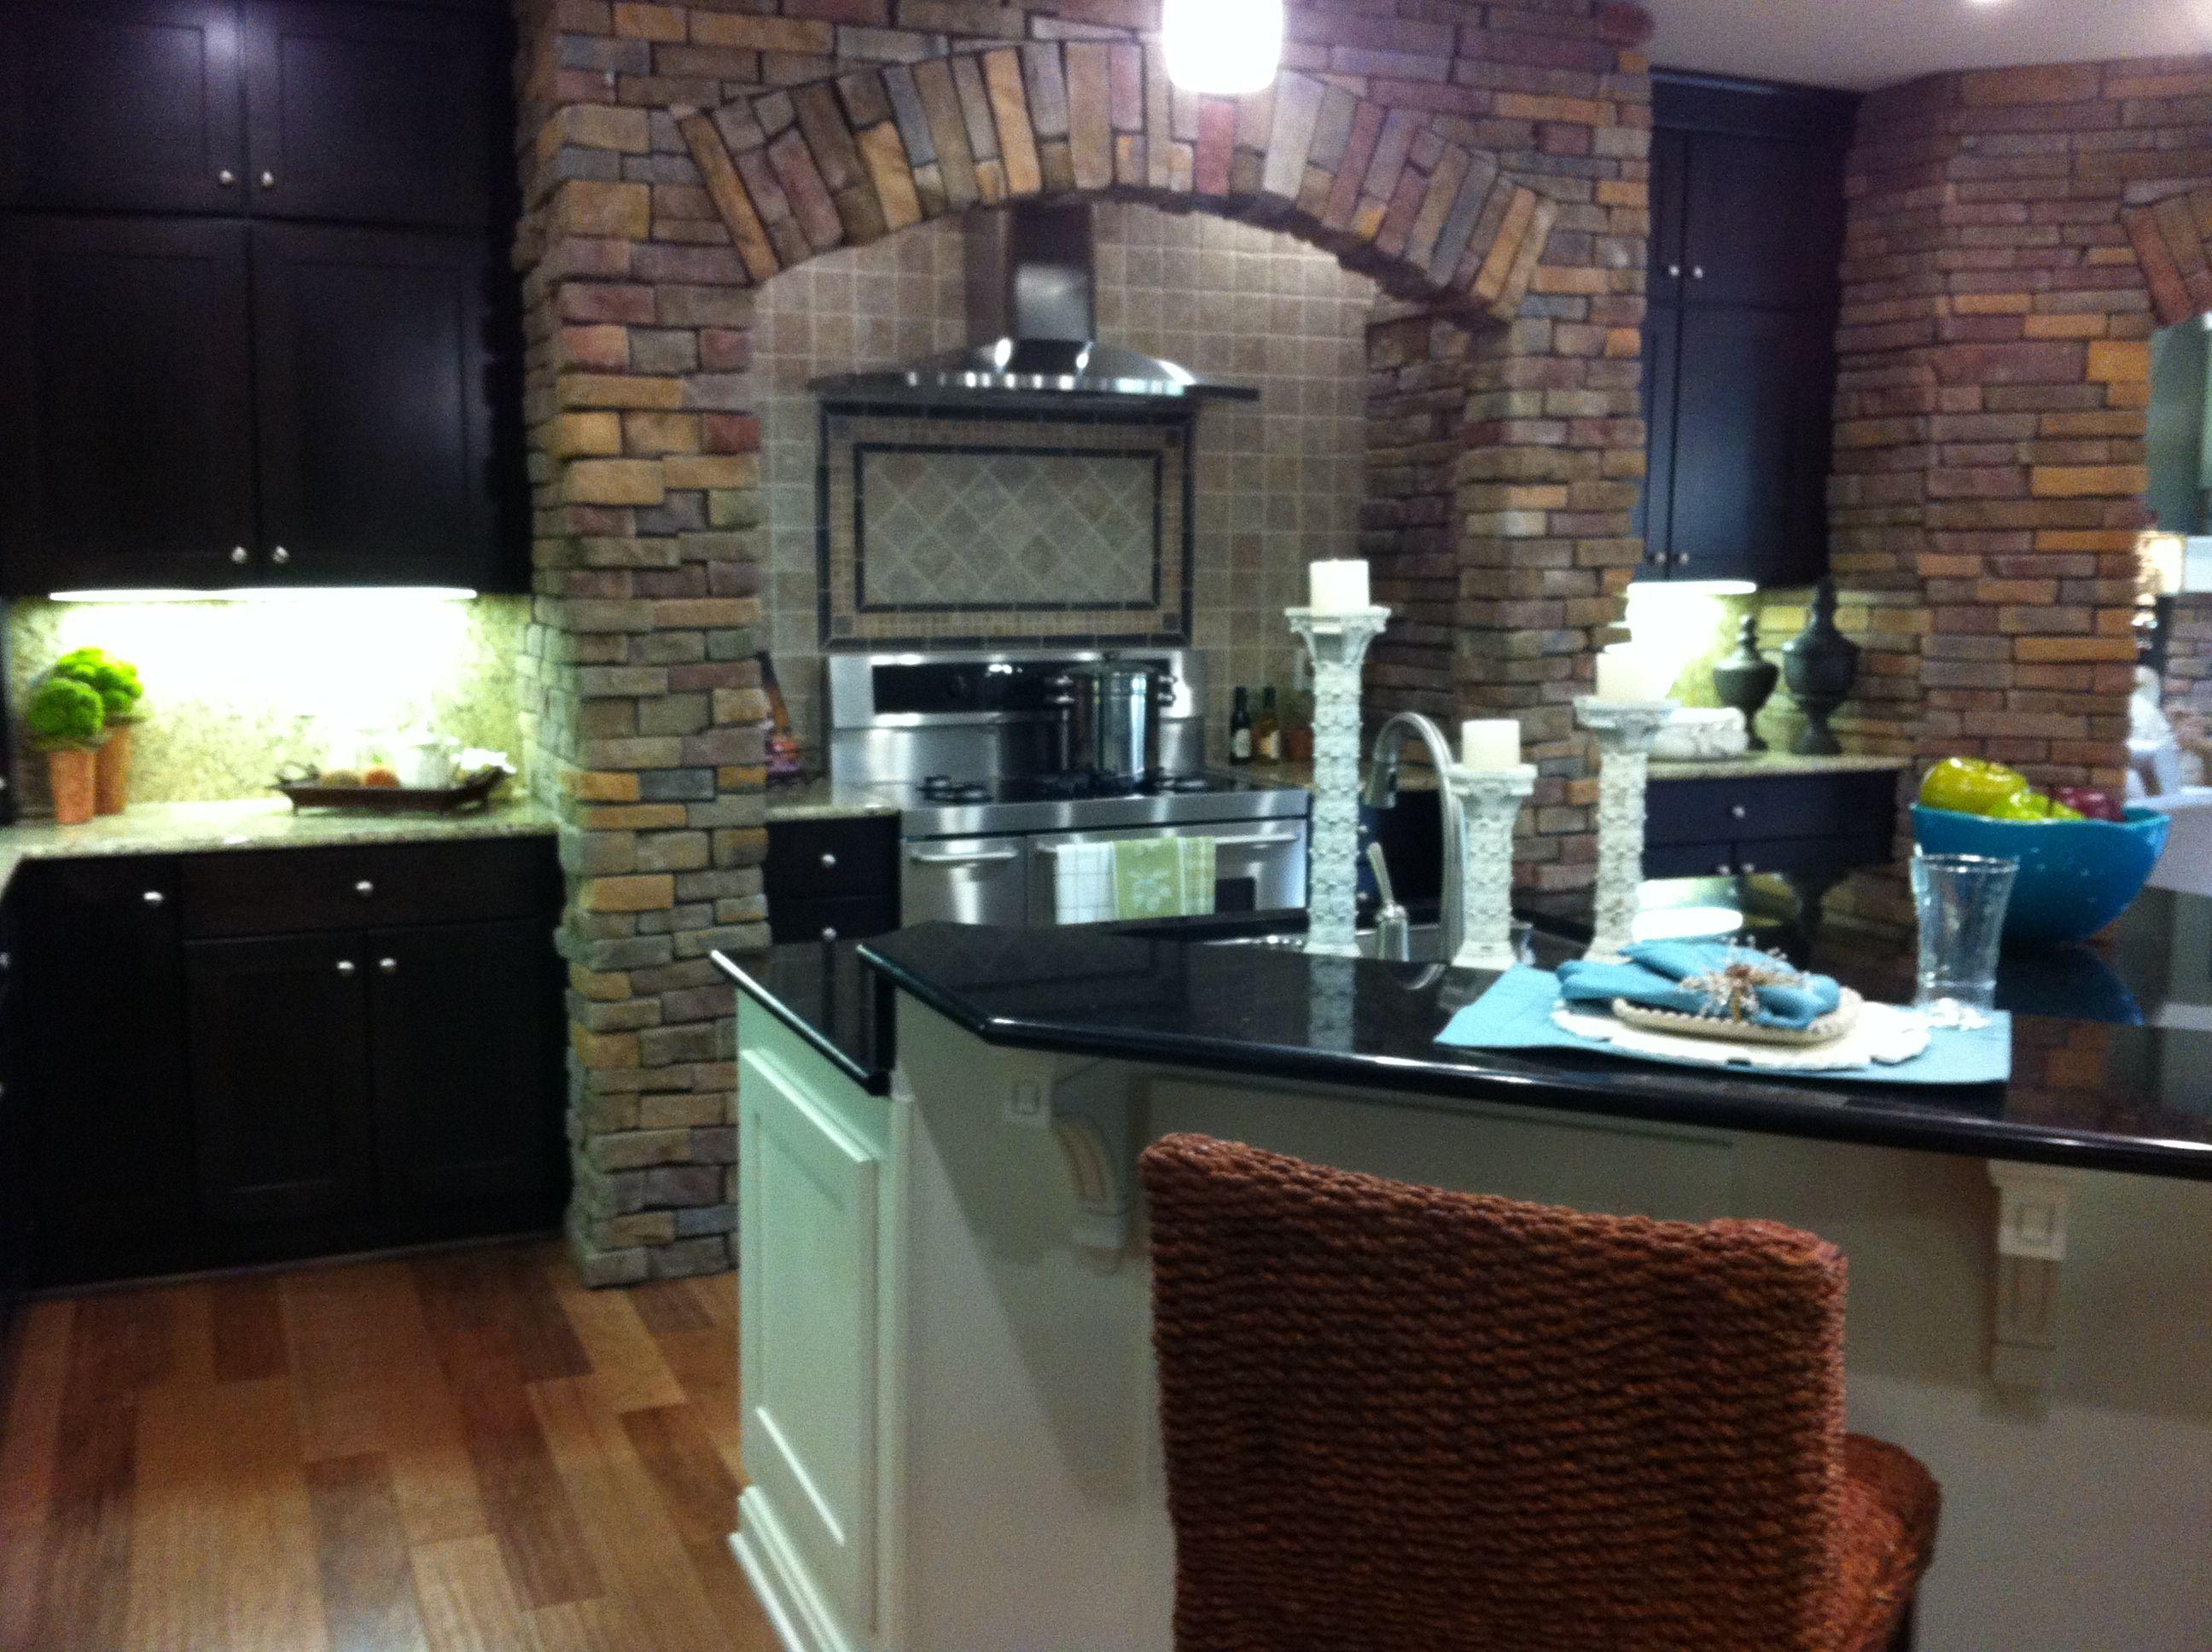 My Dream Schumacher Home Kitchen!